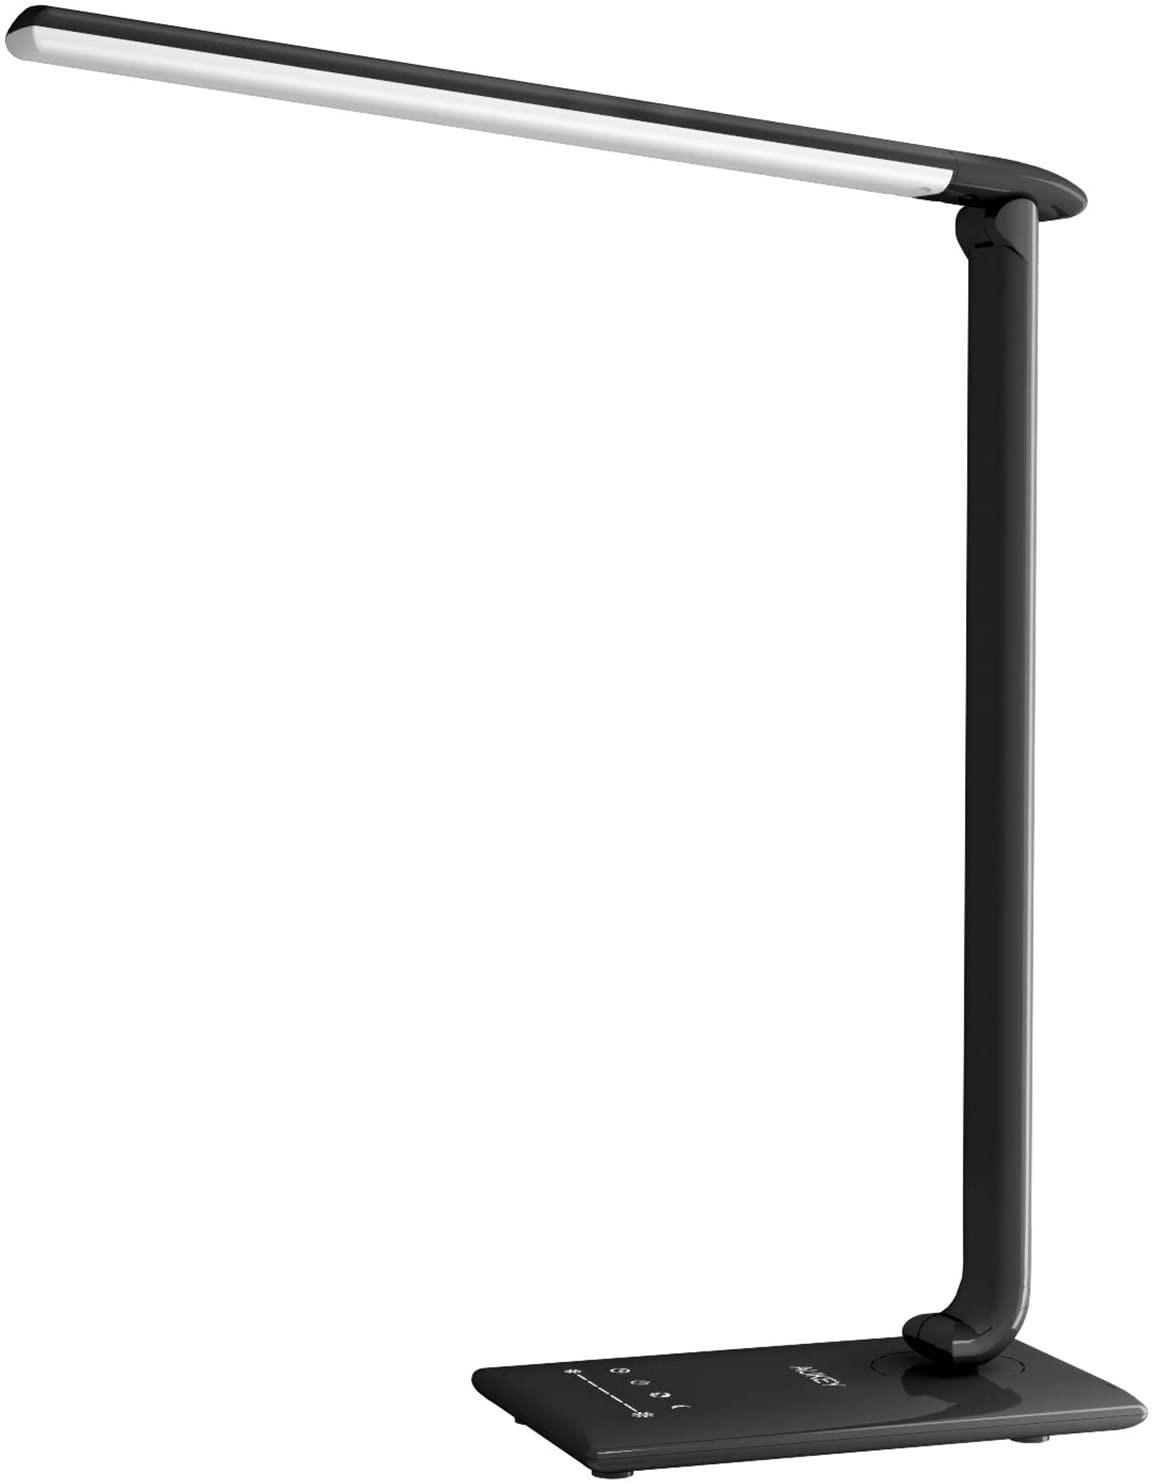 AUKEY LT-T10 Lámpara Escritorio, Flexo LED con 5 Modos, 7 Niveles de Brillo, Puerto USB de Carga, Mini Luz Nocturna y Múltiples Ángulos Ajustables, Control Táctil [Clase de eficiencia energética A]